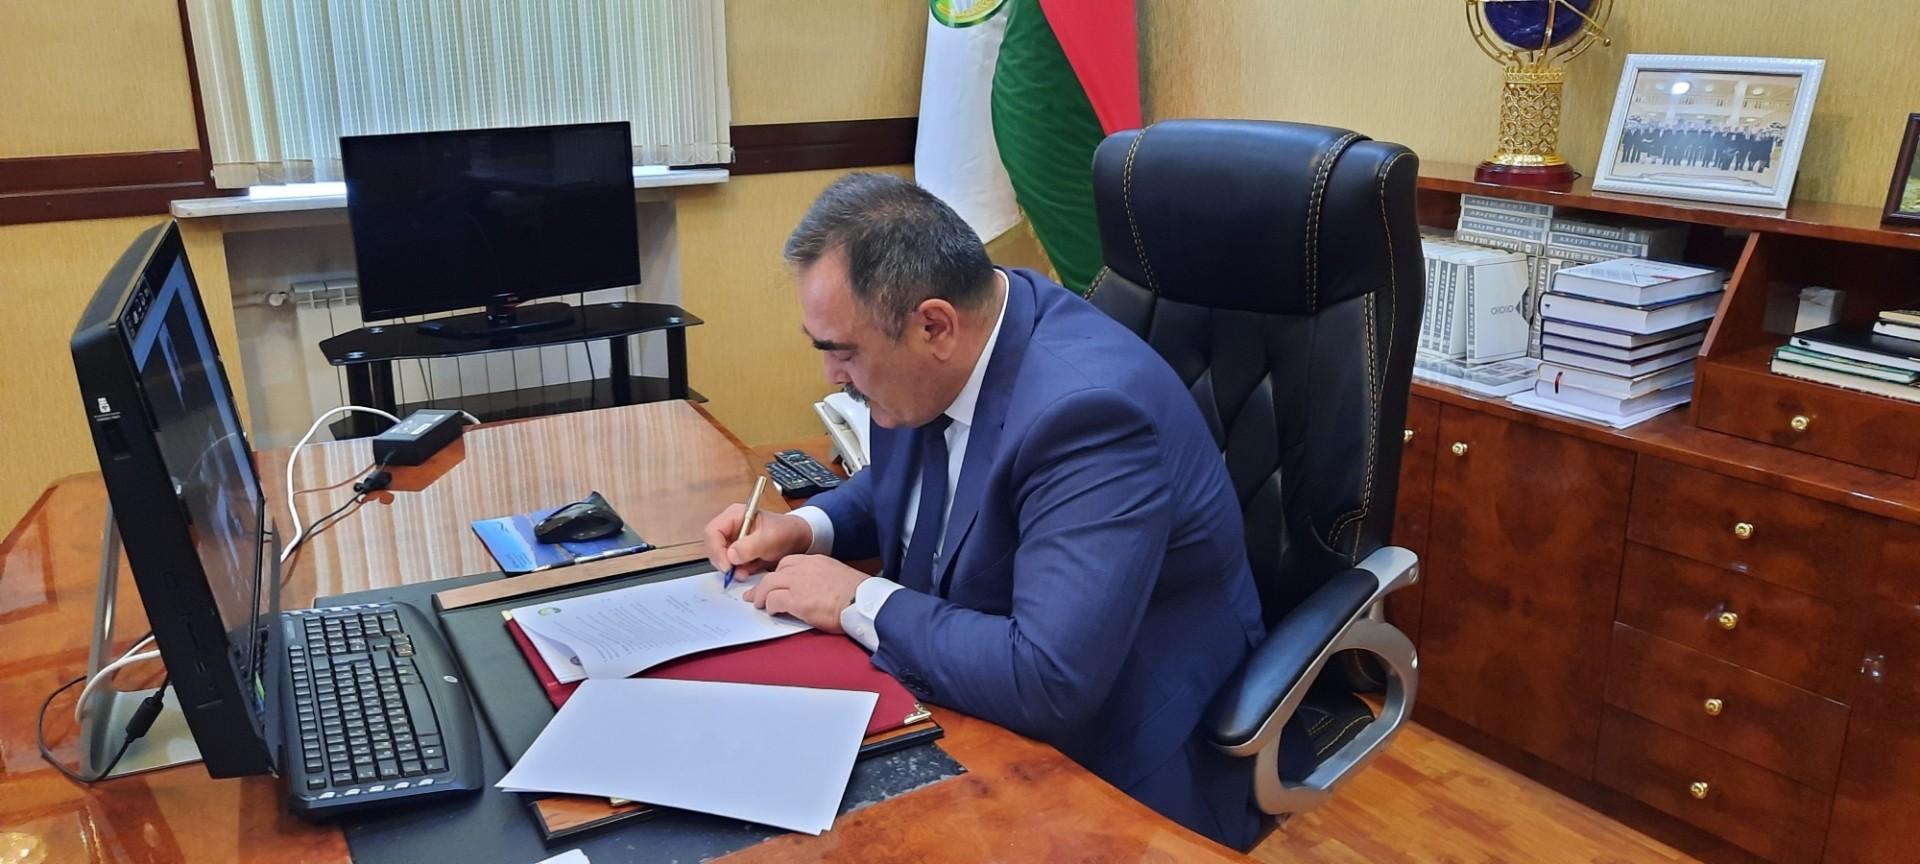 ADAU ilə Türkiyənin Fırat Universiteti arasında əməkdaşlıq müqaviləsi imzalanıb-